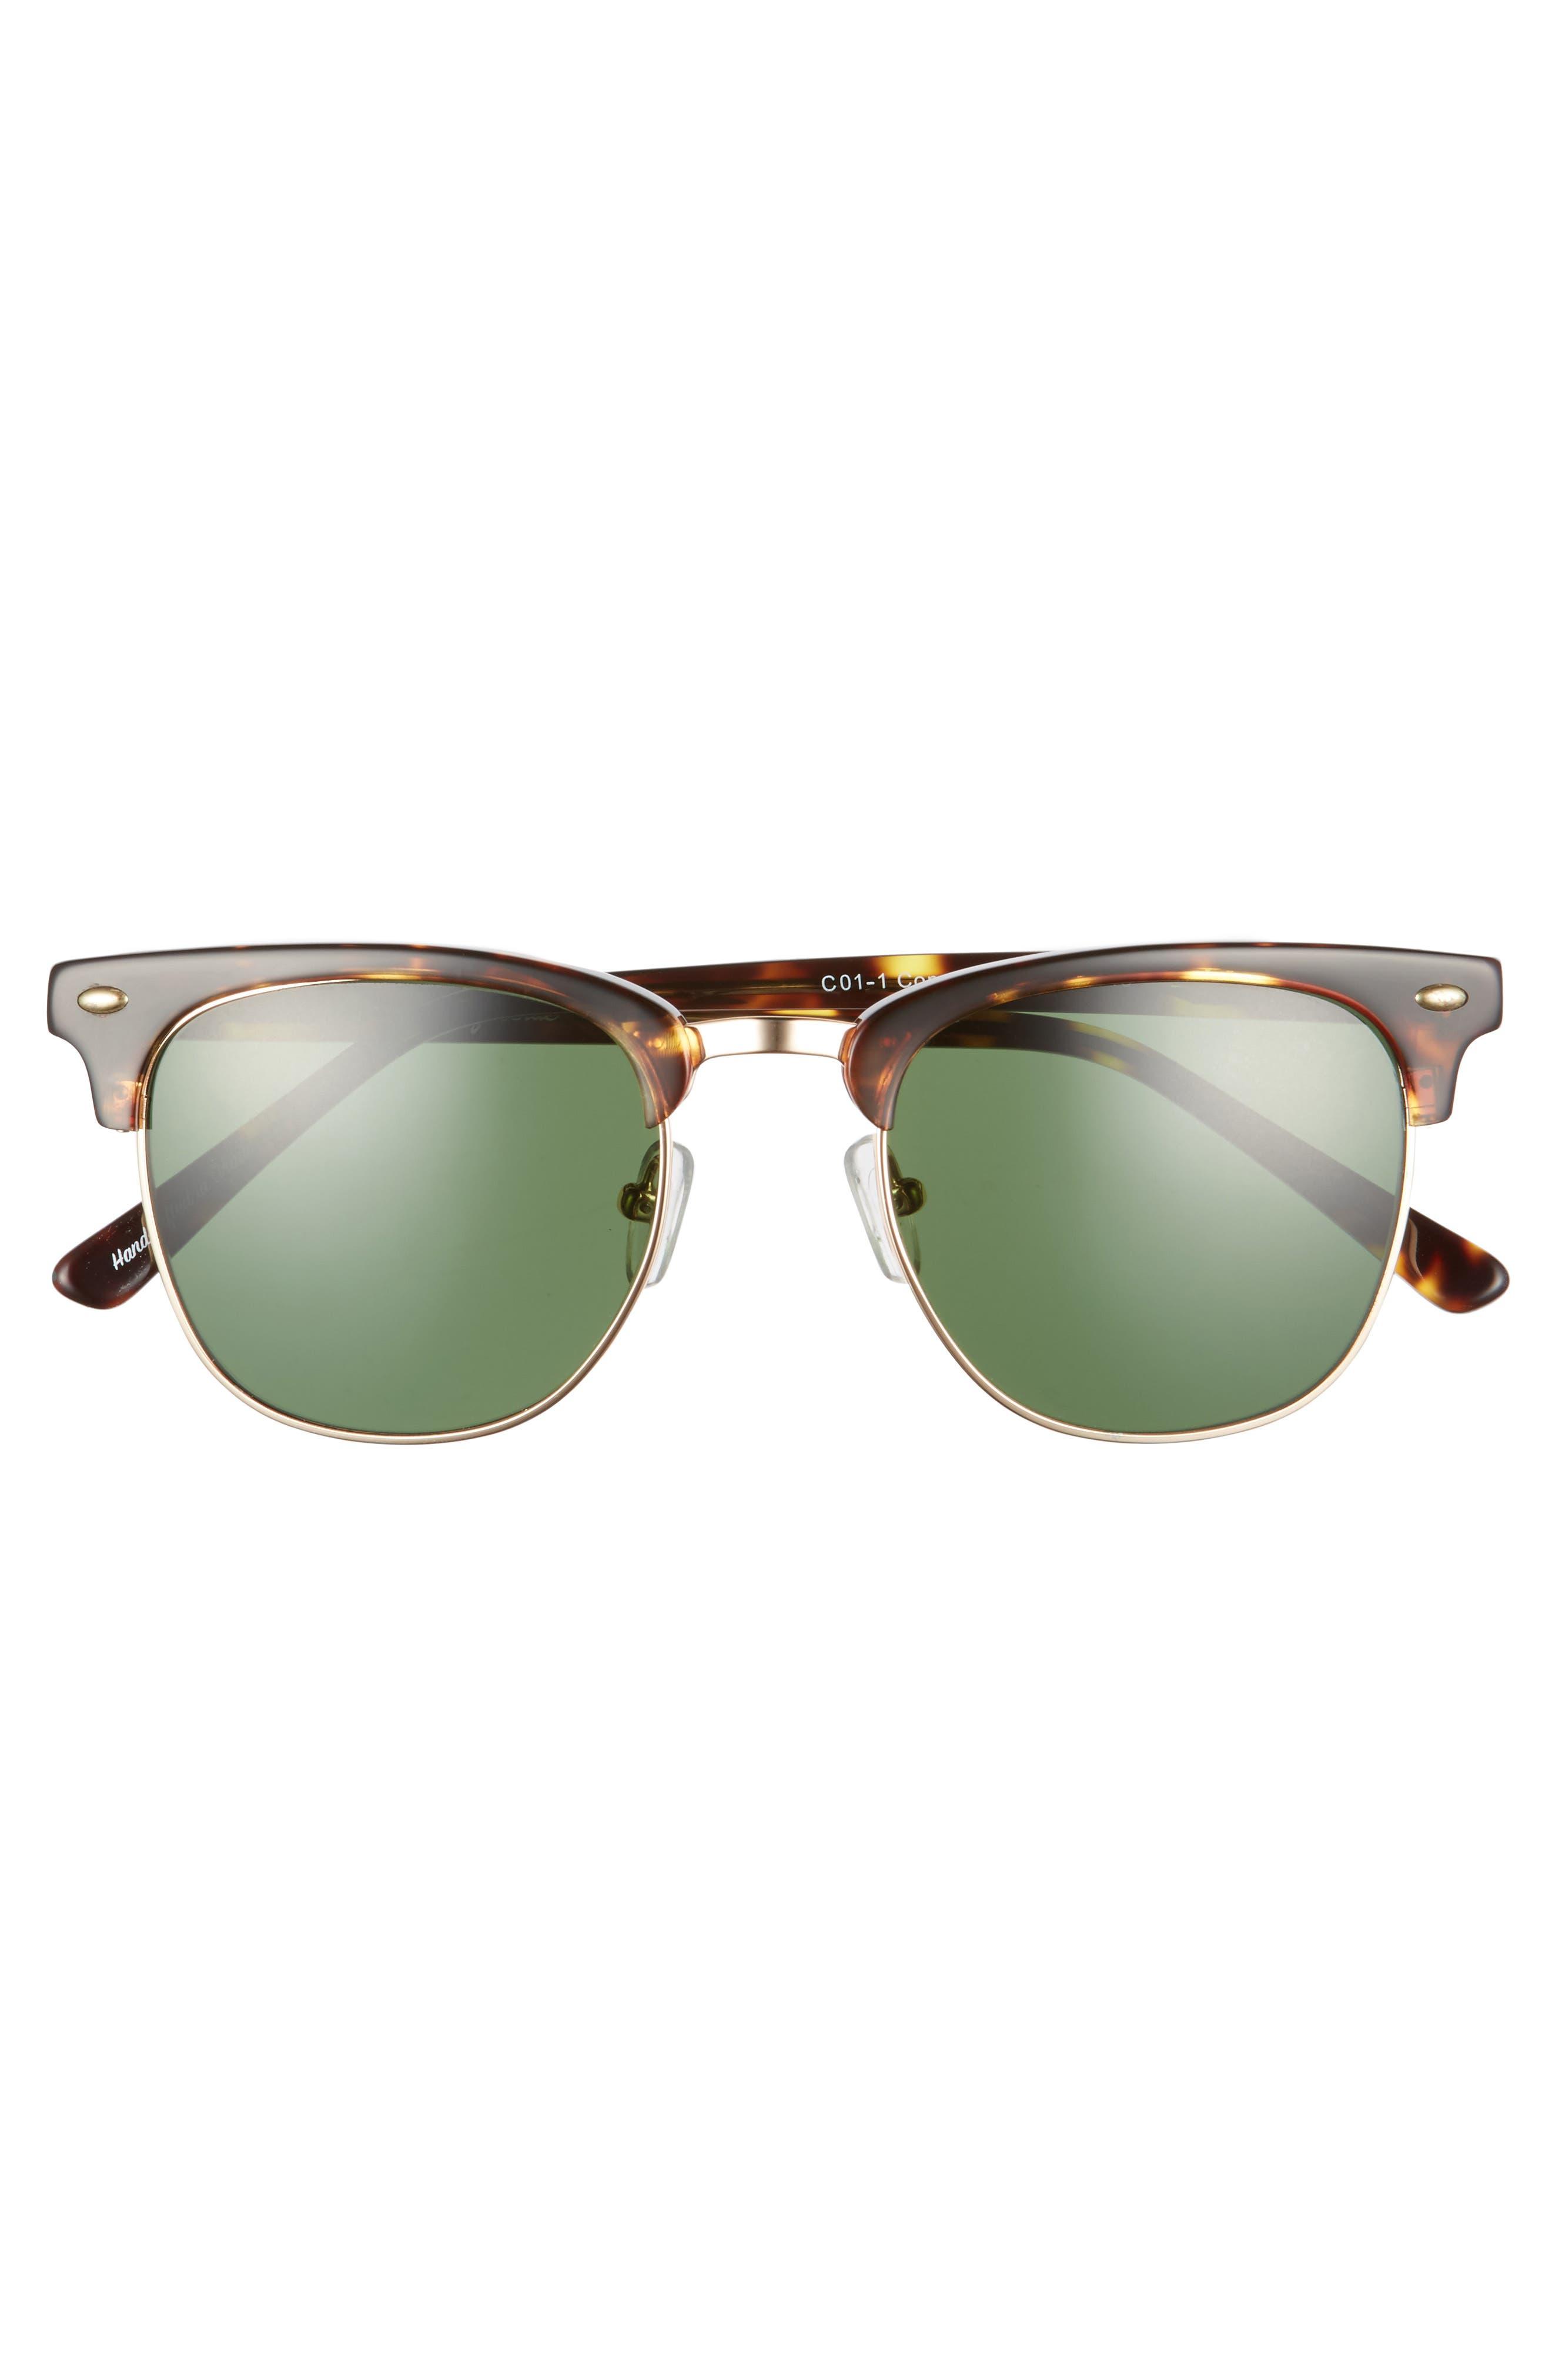 Copeland 51mm Sunglasses,                             Alternate thumbnail 3, color,                             Golden Tortoise/ Green